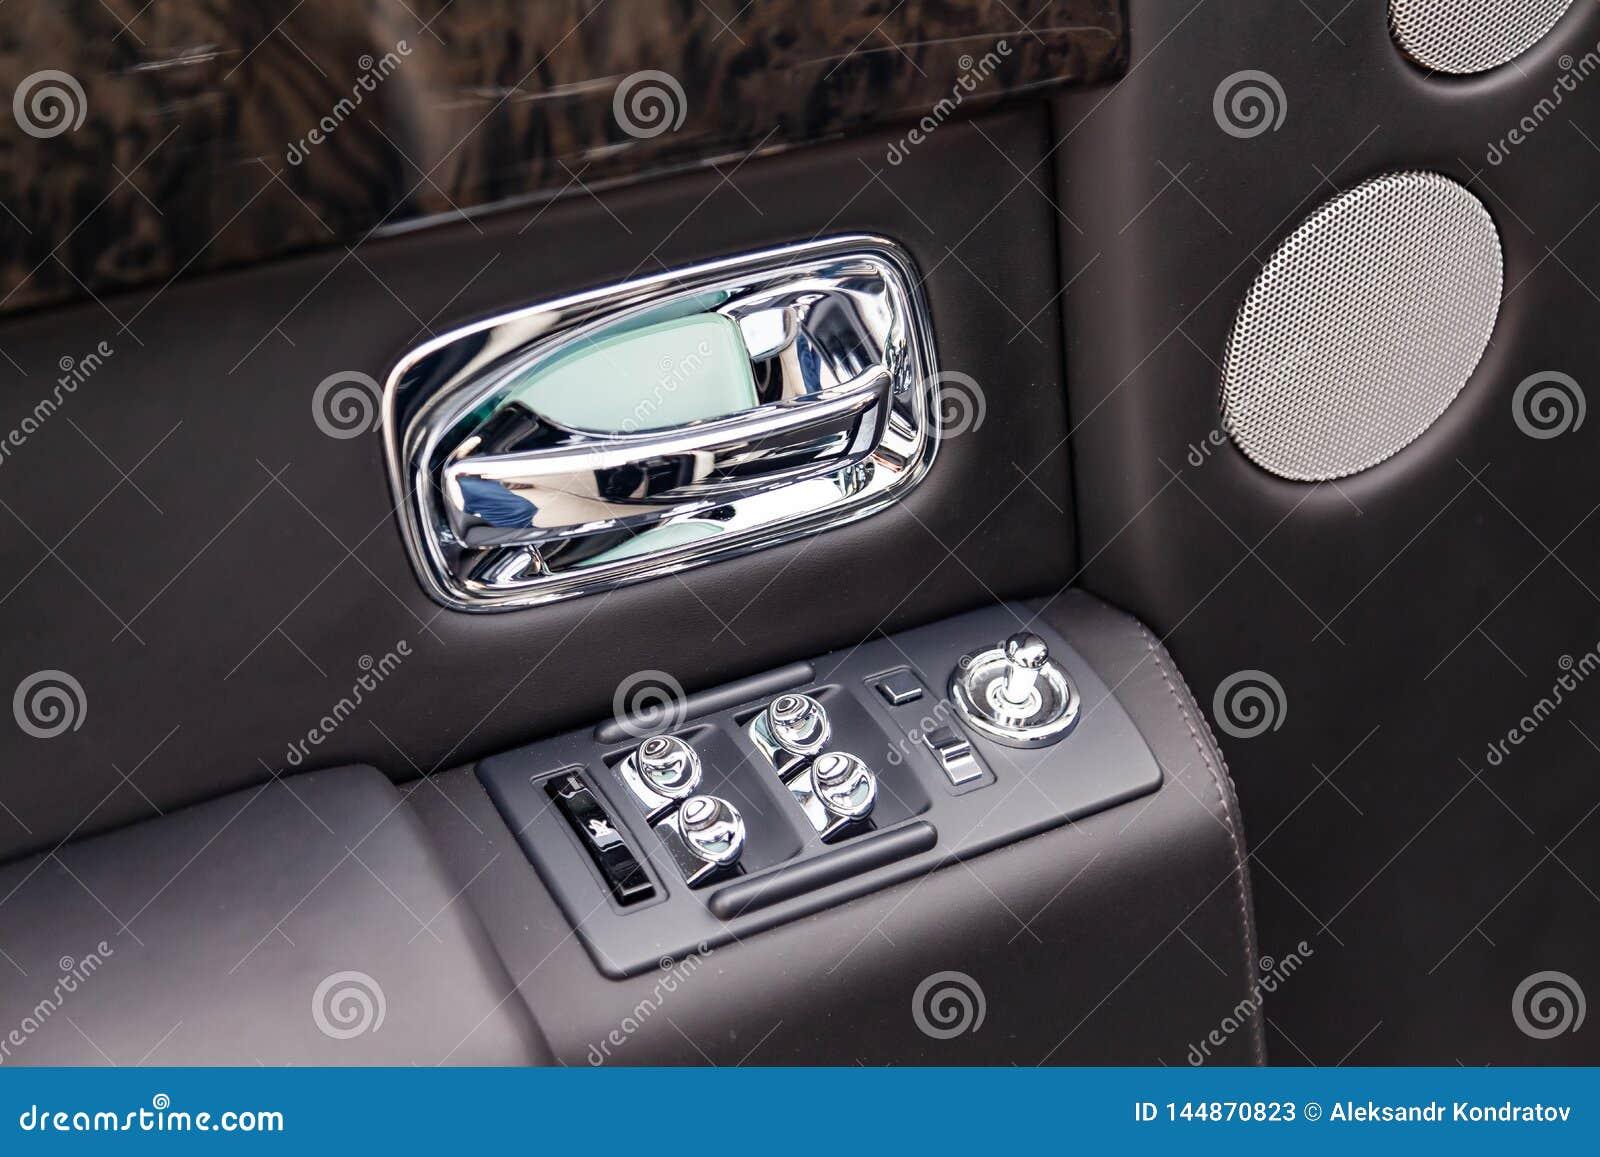 Внутренний взгляд нового очень дорогой автомобиль Rolls Royce фантомный, д